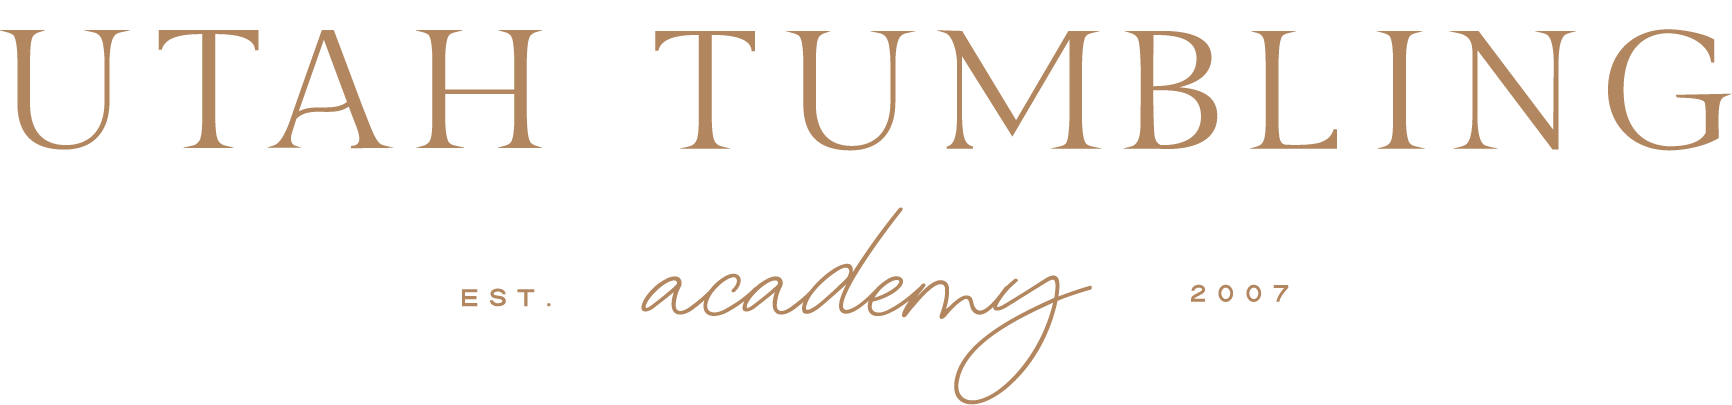 site-logo-38